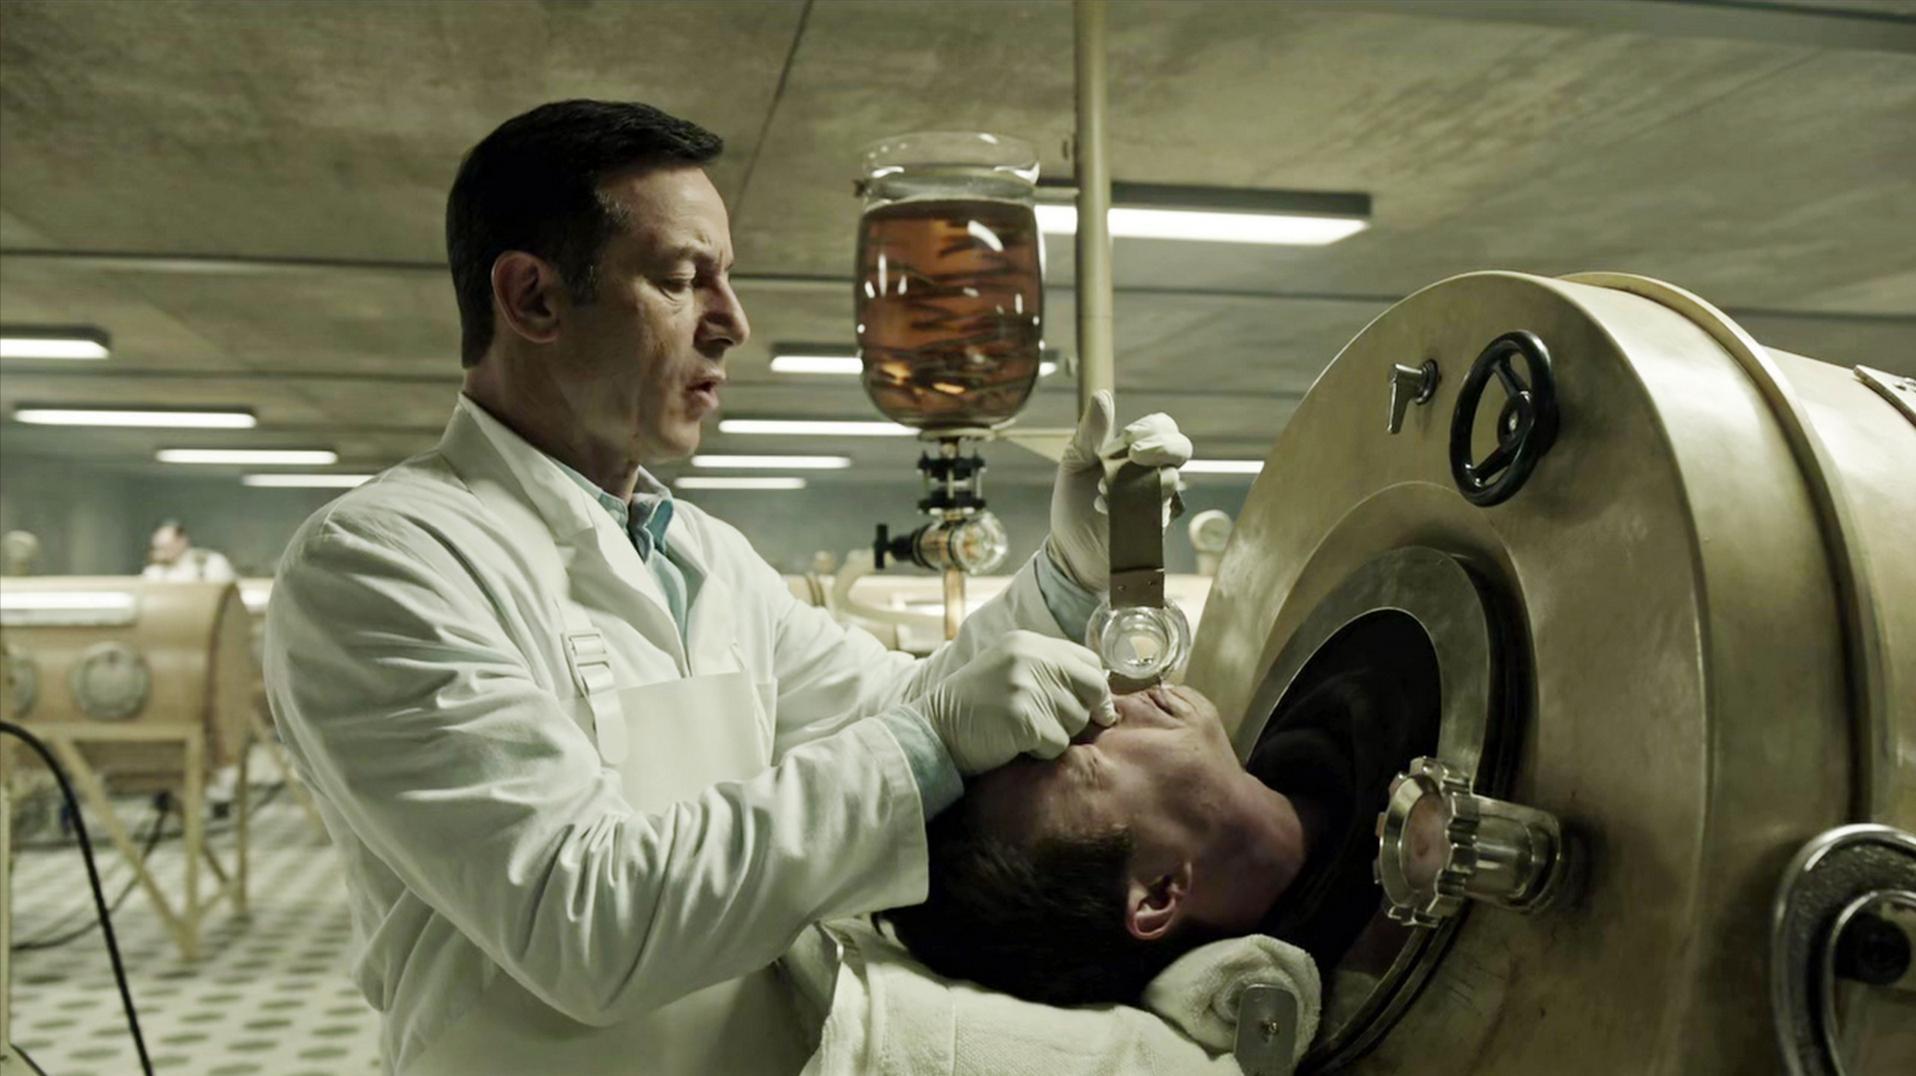 让鳗鱼钻入人体这种恐怖仪式你听过吗?疗养院背后藏着巨大秘密